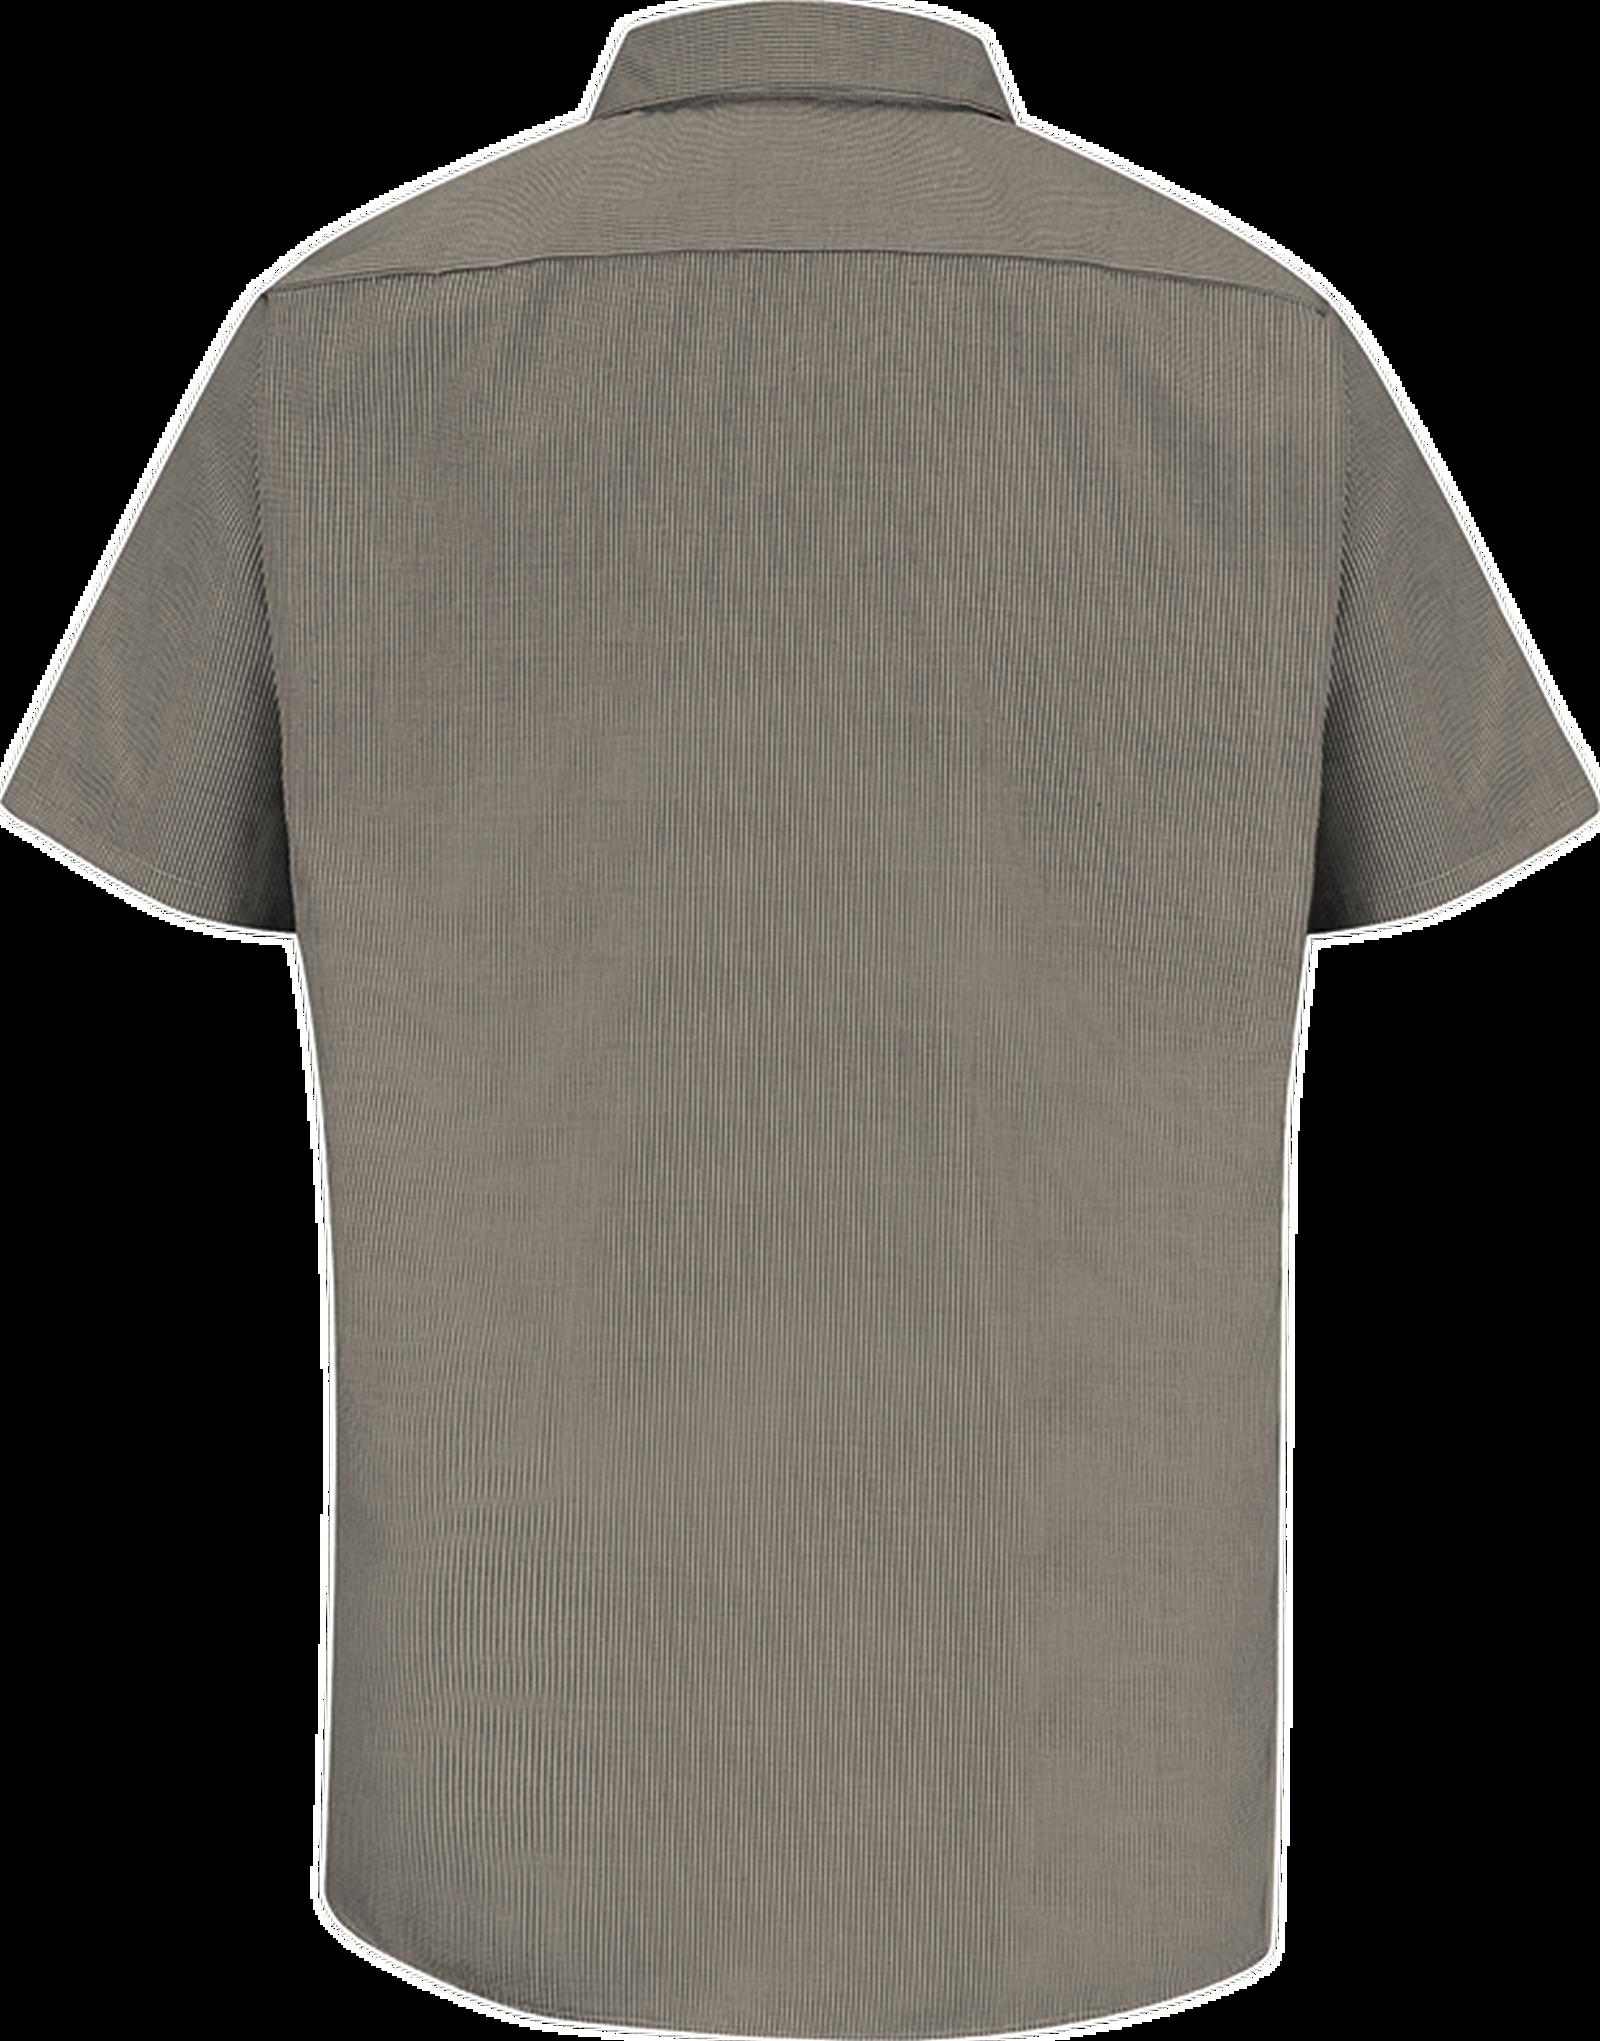 Men's Short Sleeve Microcheck Uniform Shirt